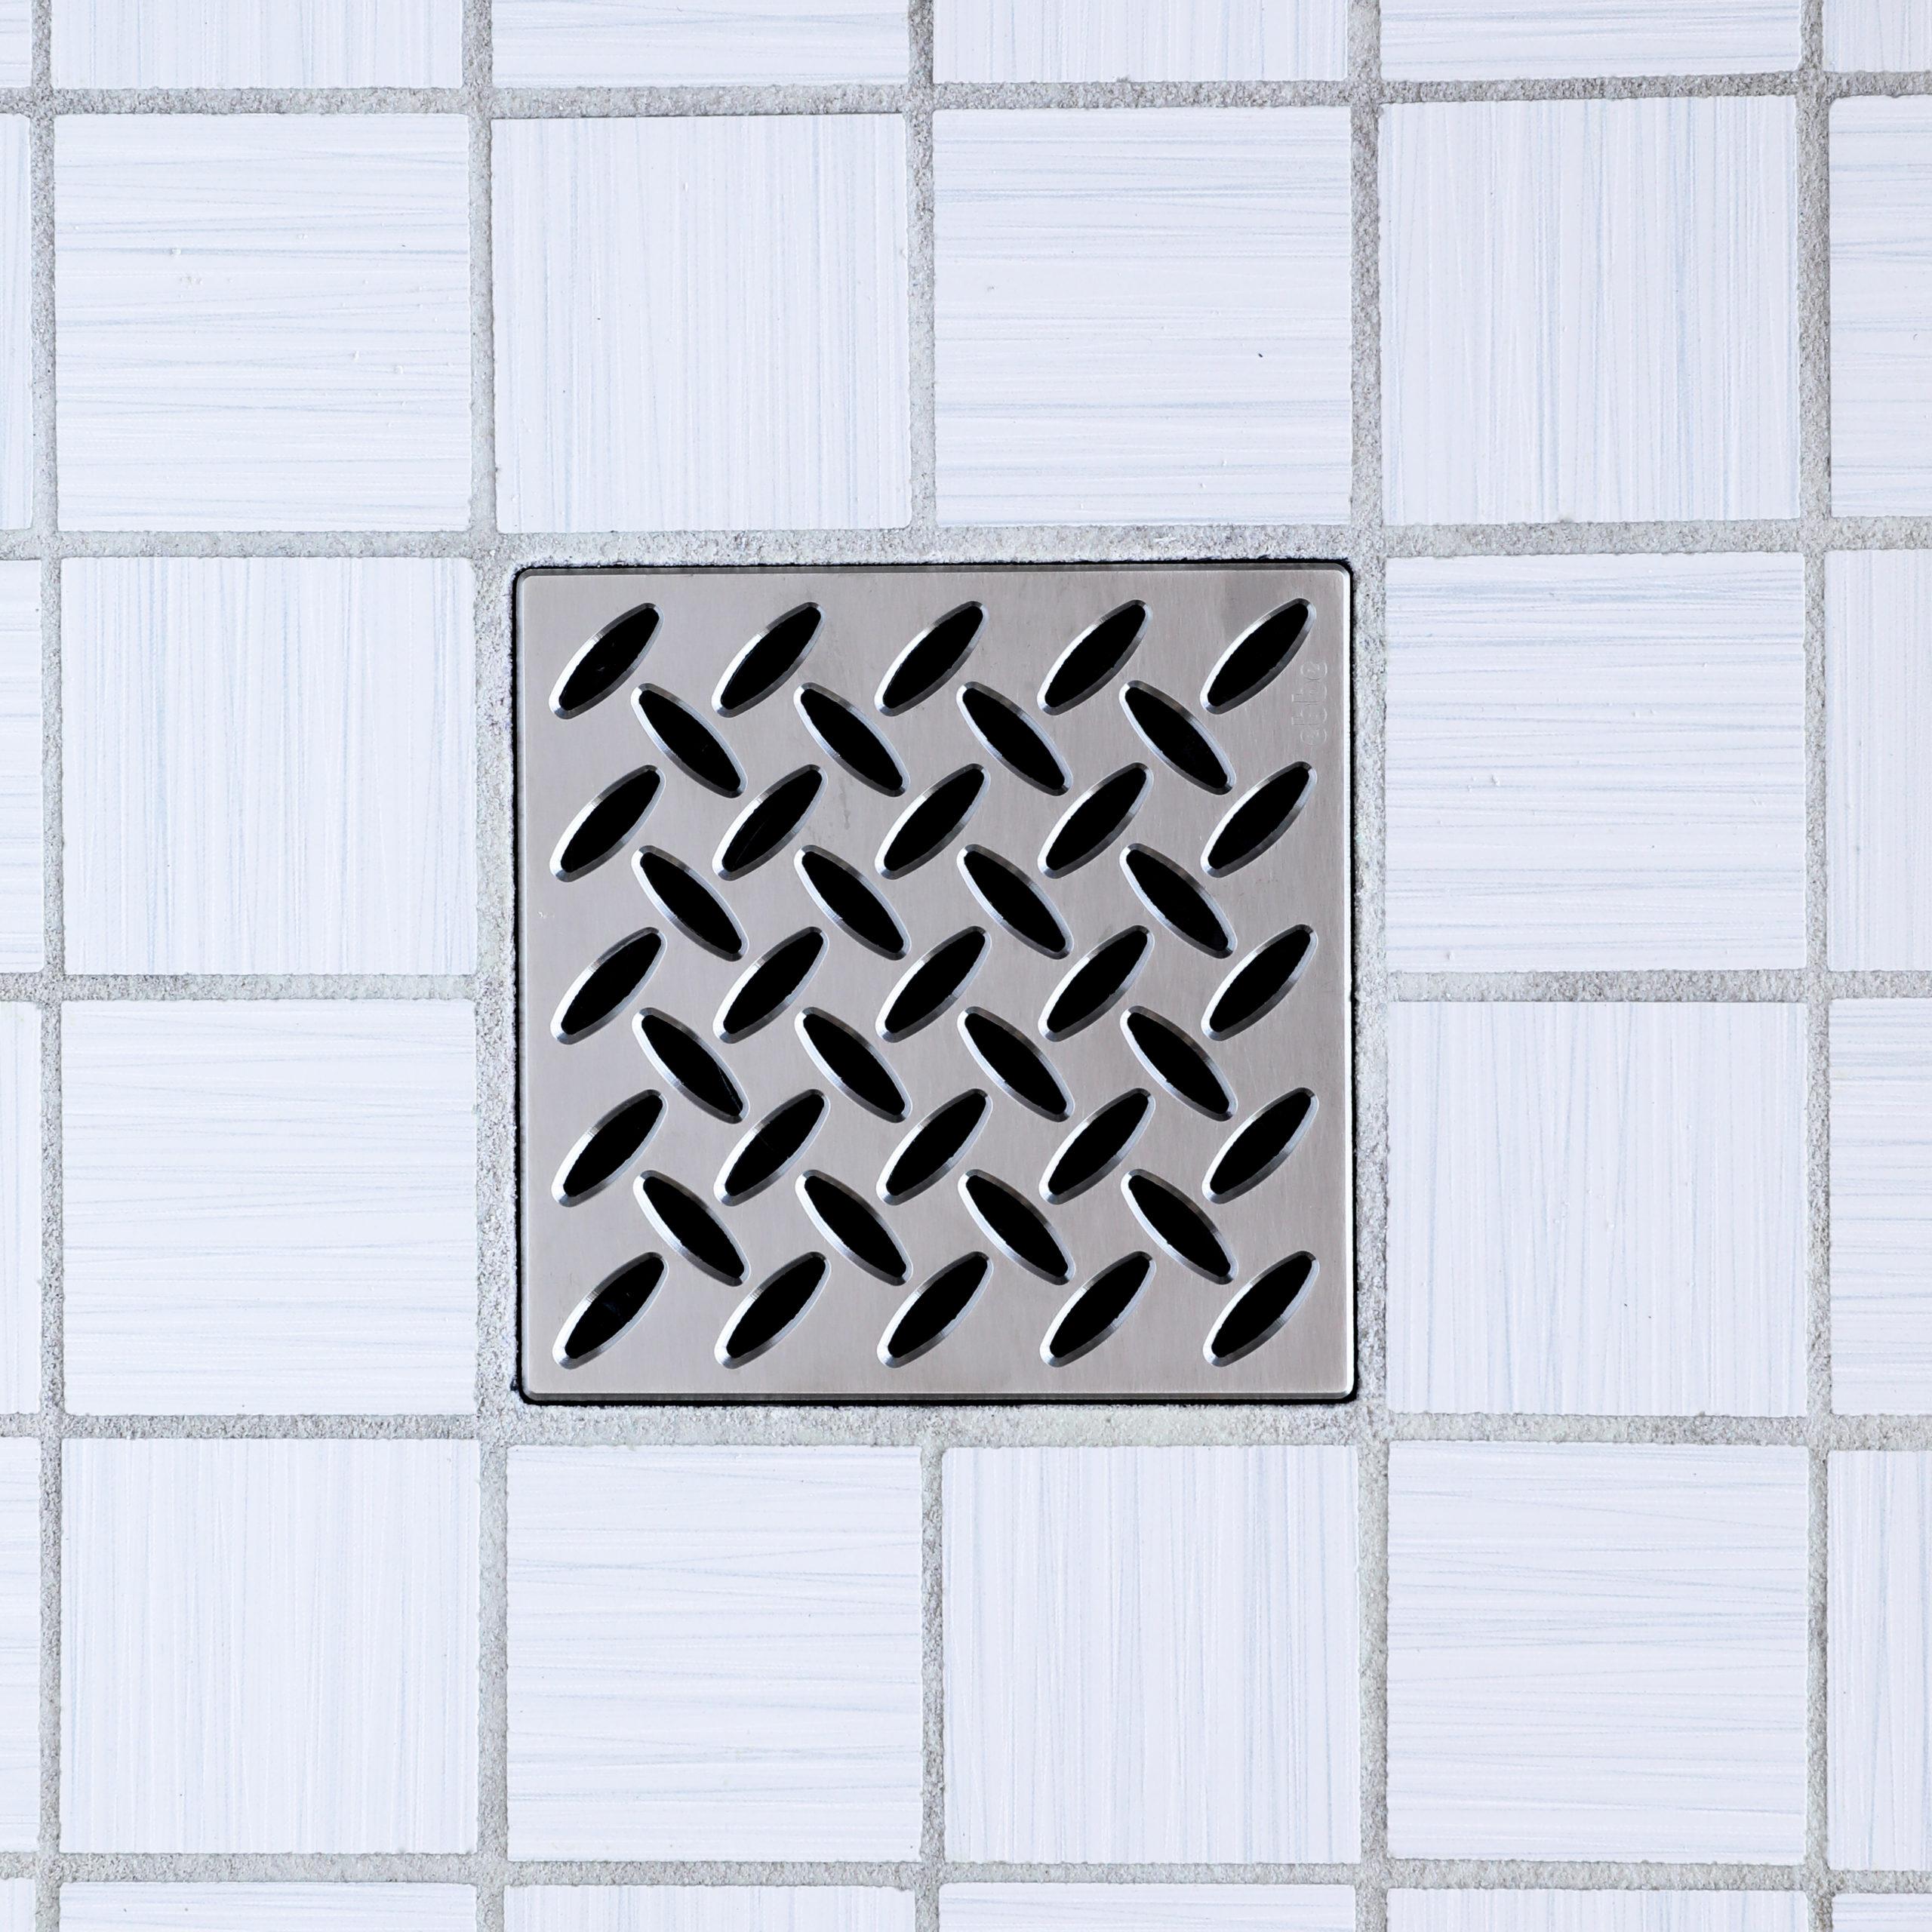 E4813-SN - Ebbe UNIQUE Drain Cover - DIAMOND - Satin Nickel - Shower Drain - tdd